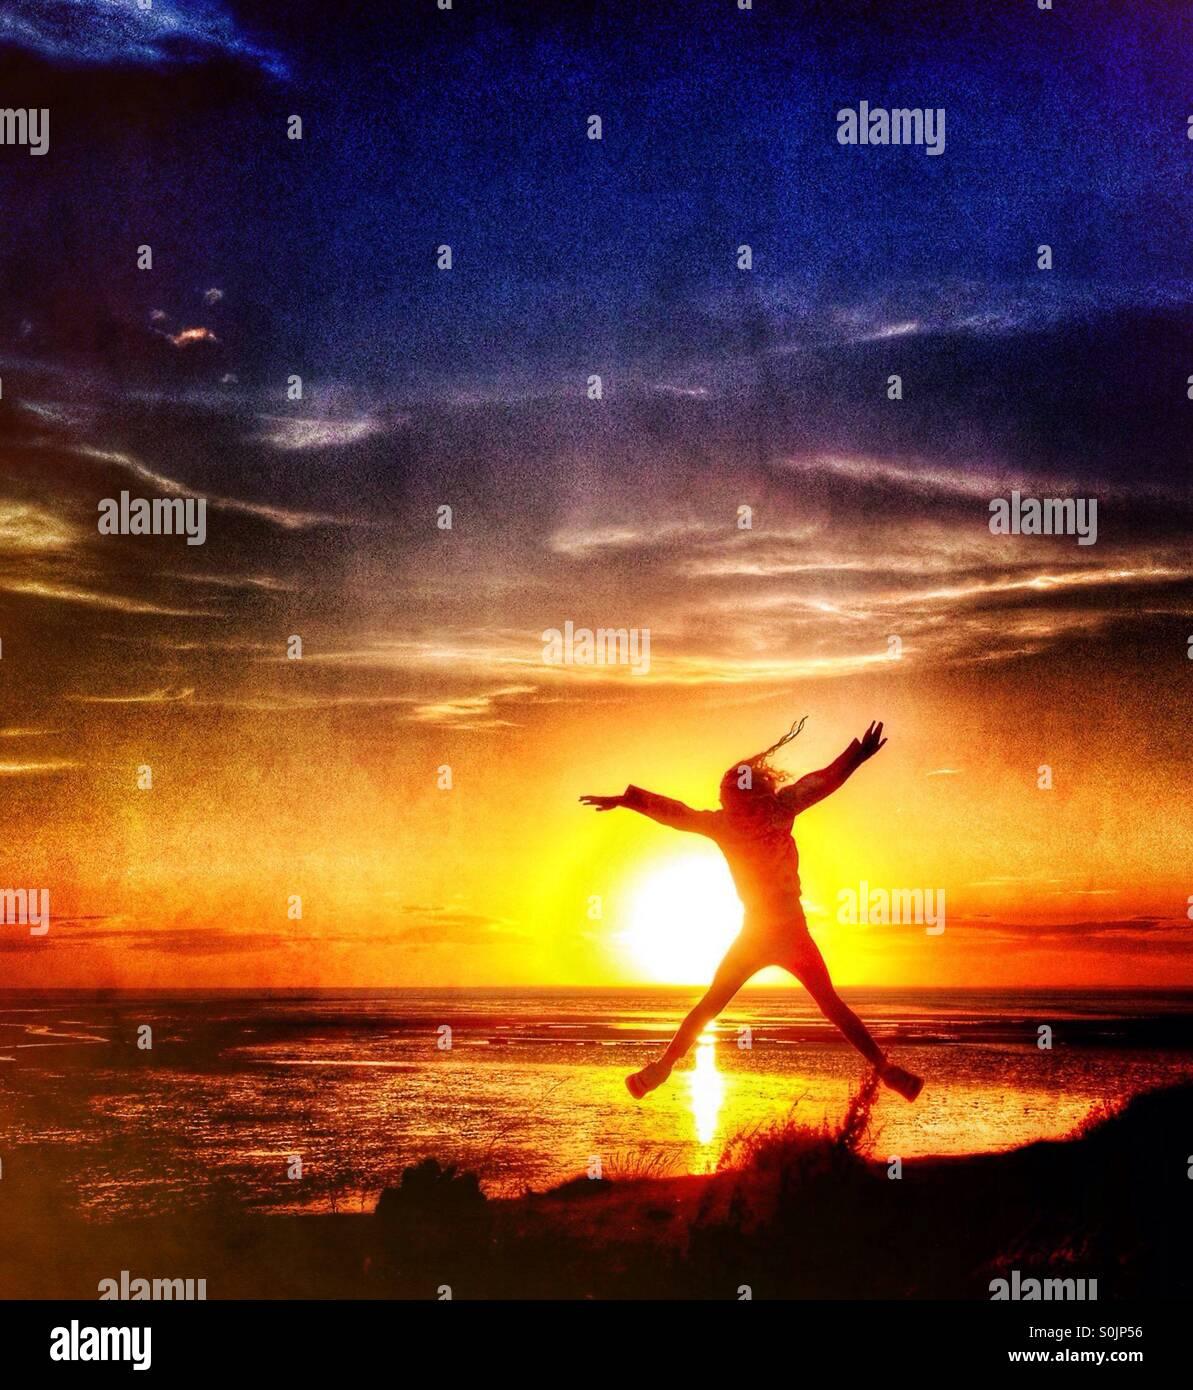 Springen Sie vor Freude gegen die untergehende Sonne über Morecambe Bay Stockbild